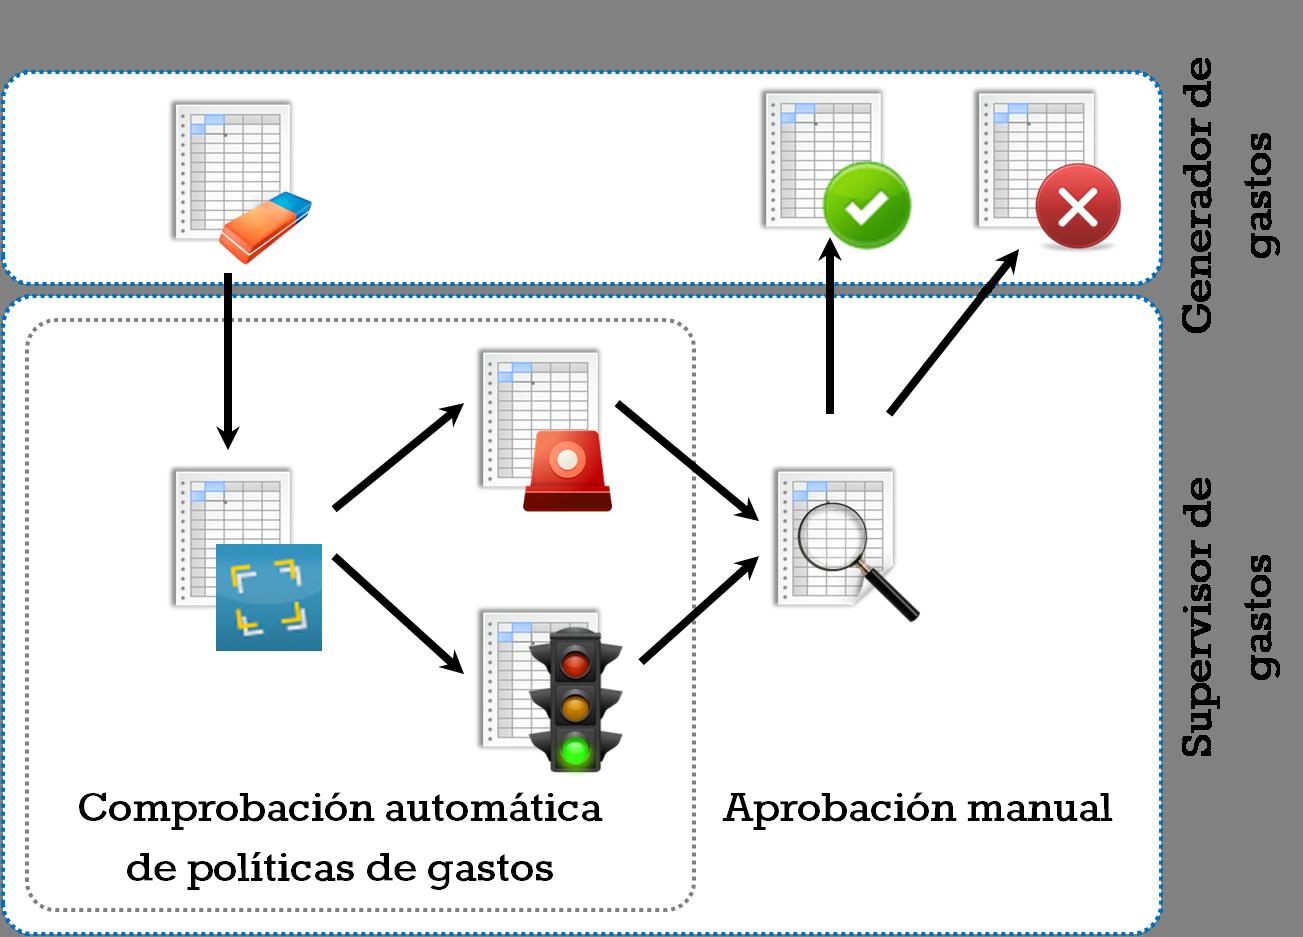 Workflow con avisos de incumplimiento de políticas de gastos